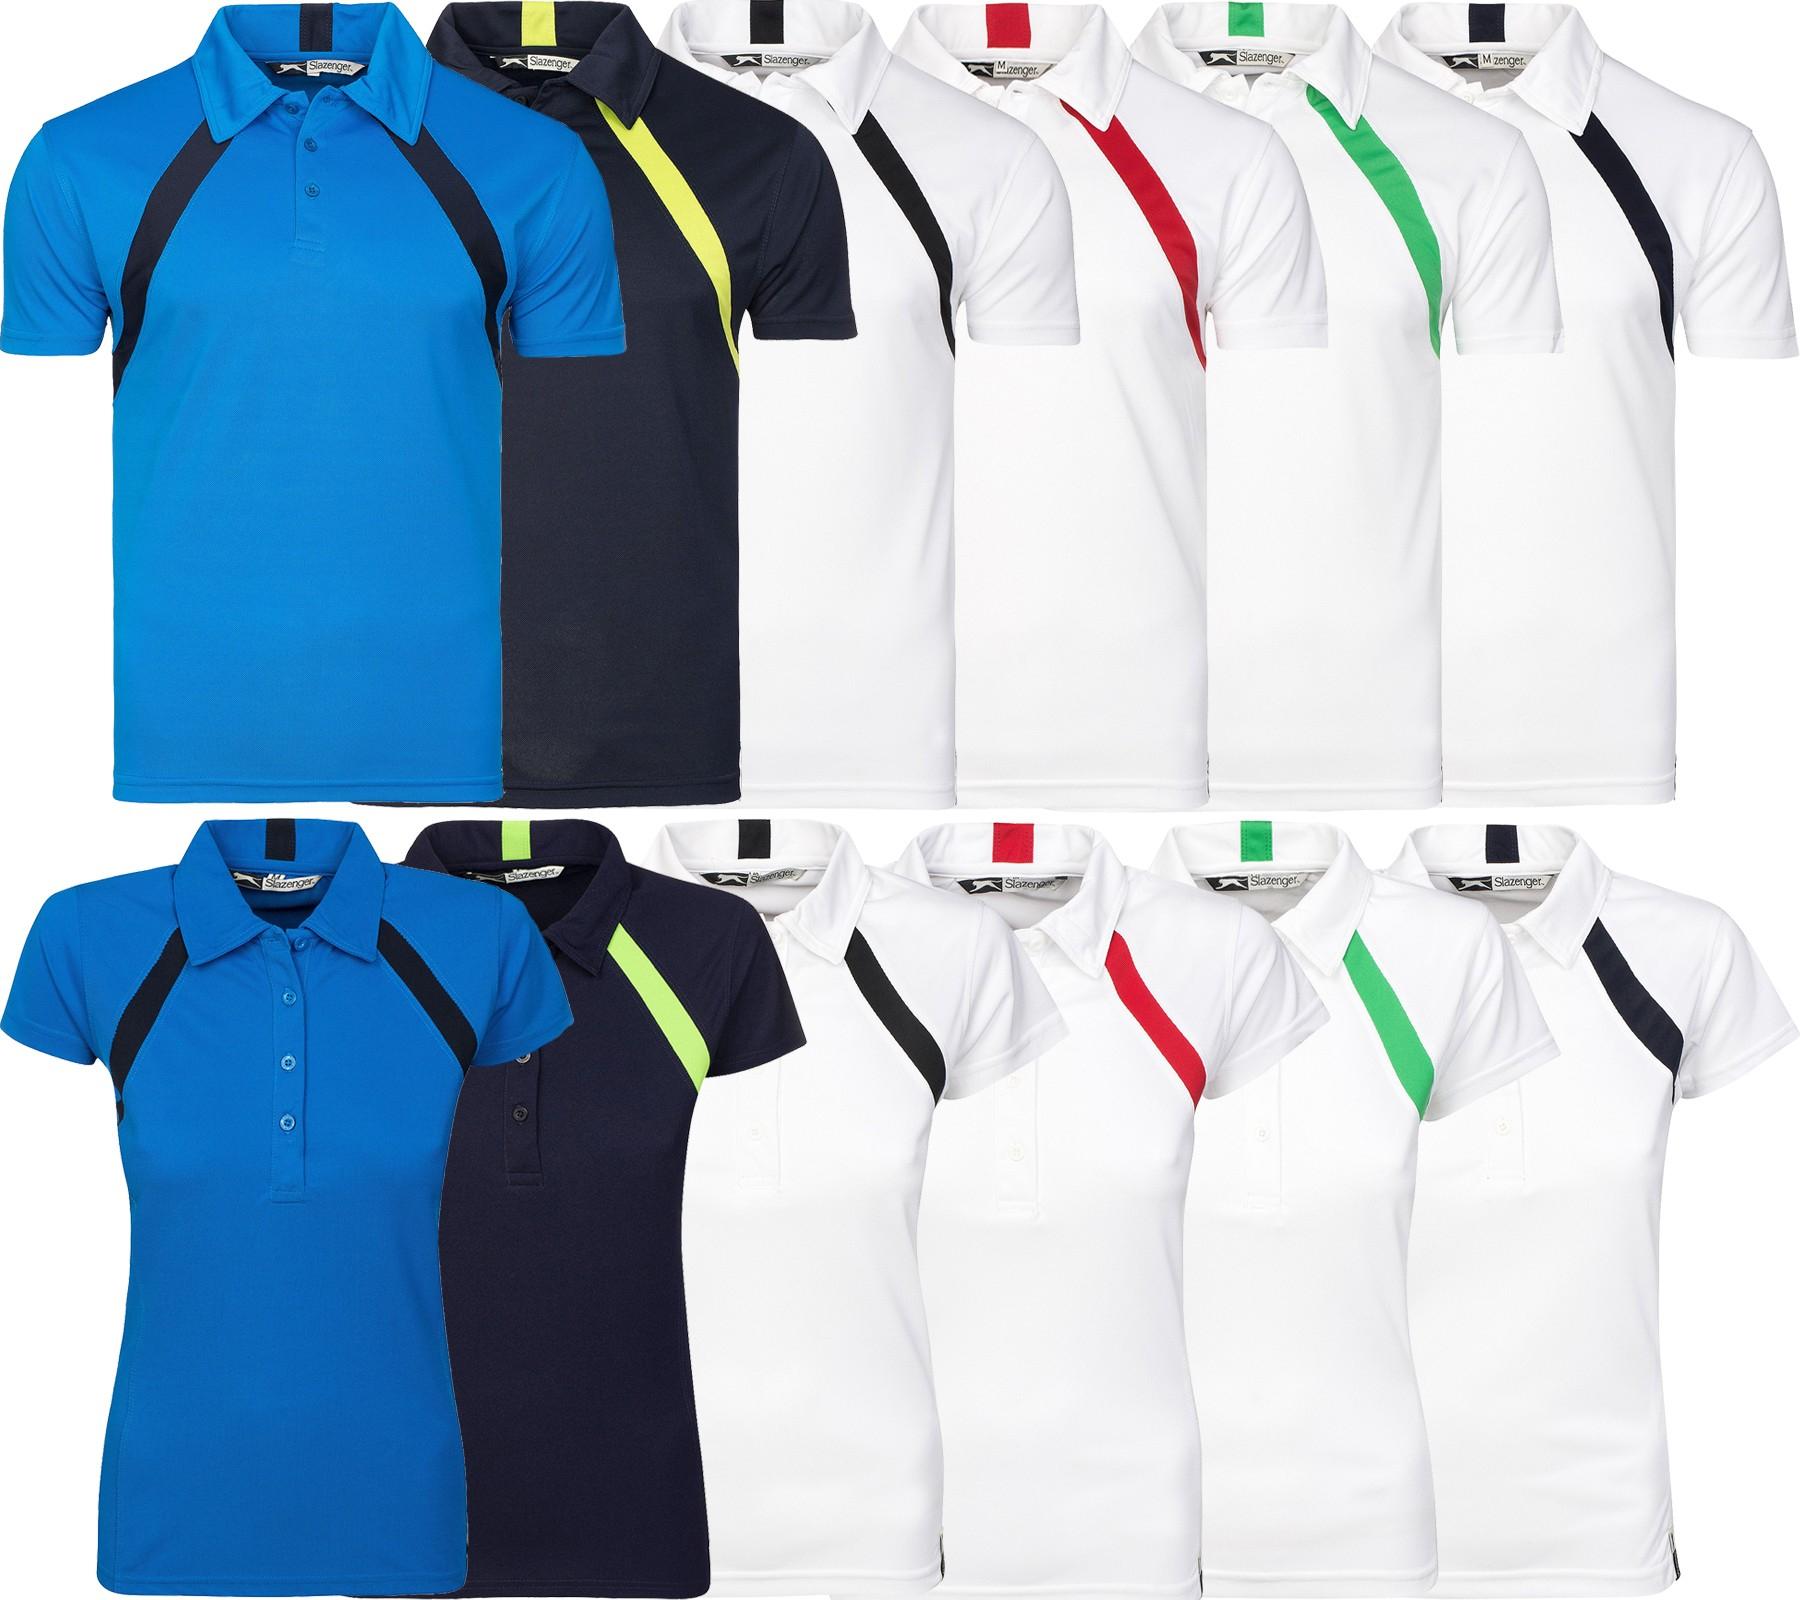 [Outlet46] Slazenger Lob Cool Fit Polo Sportshirt in 6 Farben für Männer & Frauen (Gr. S-3XL) für 1,99€ inkl. Versand